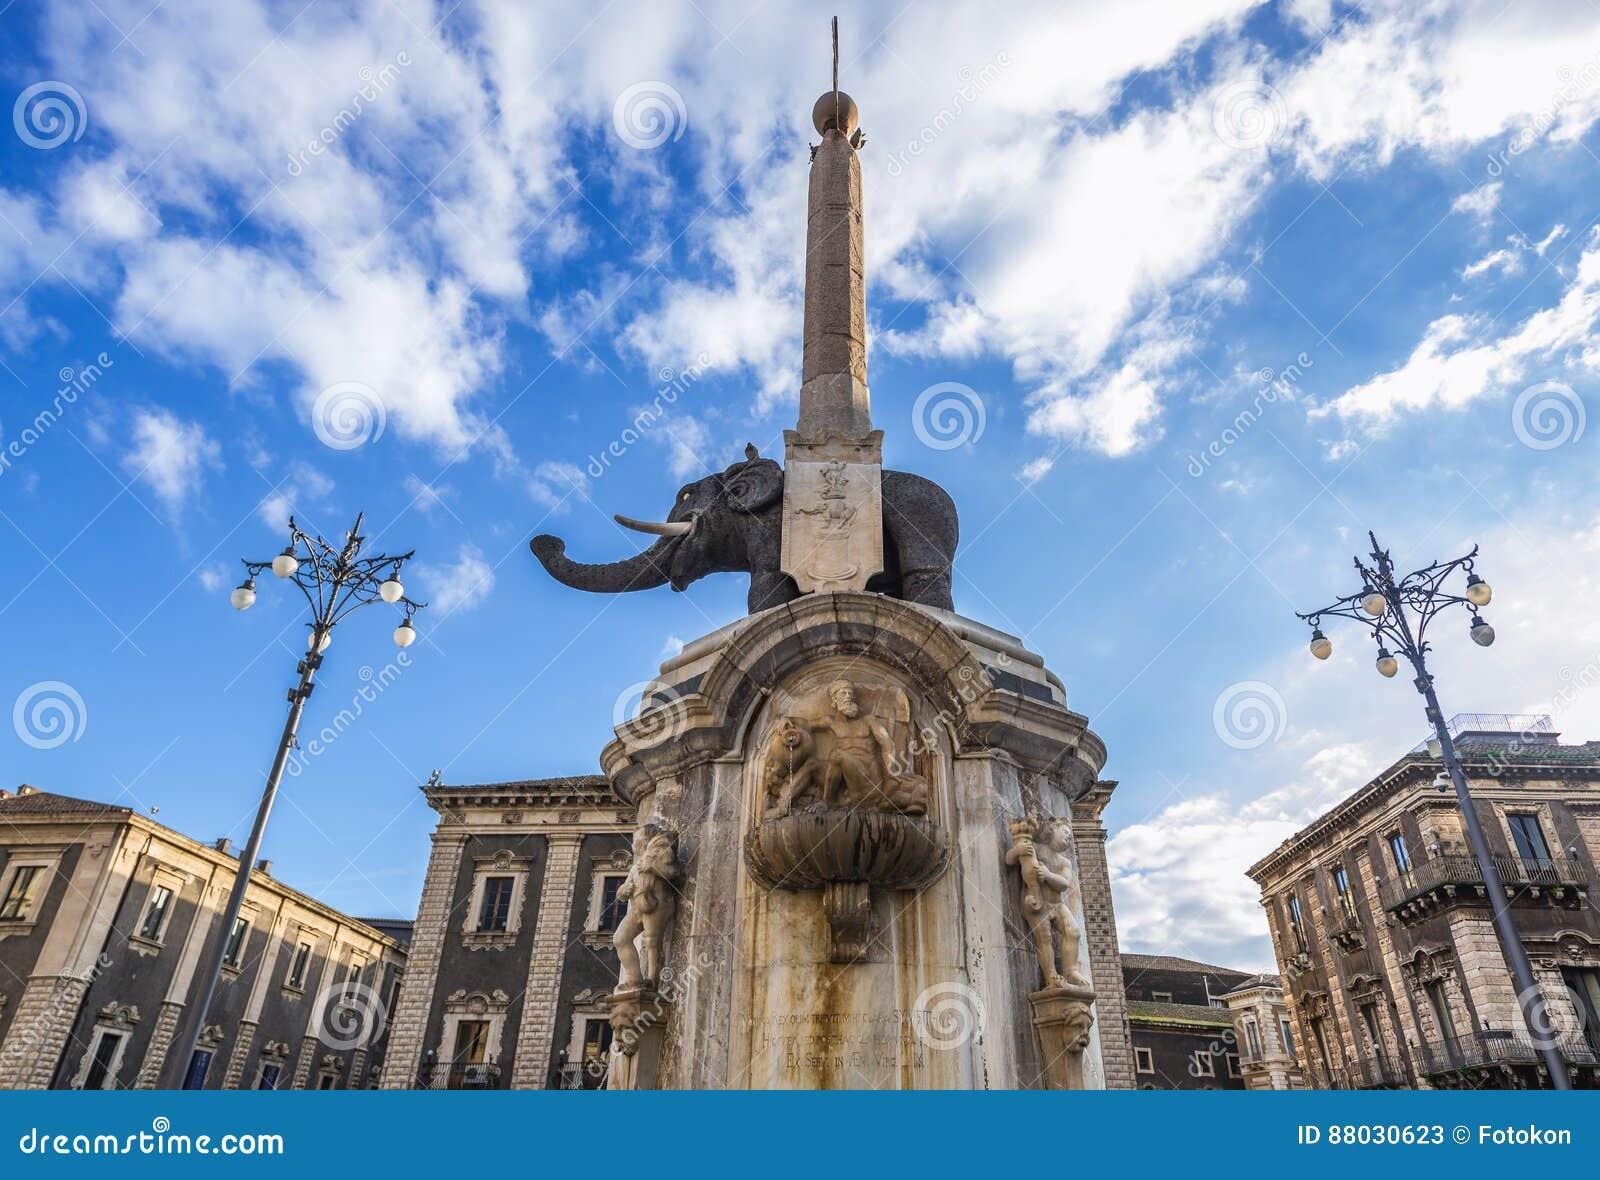 Fountain in Catania